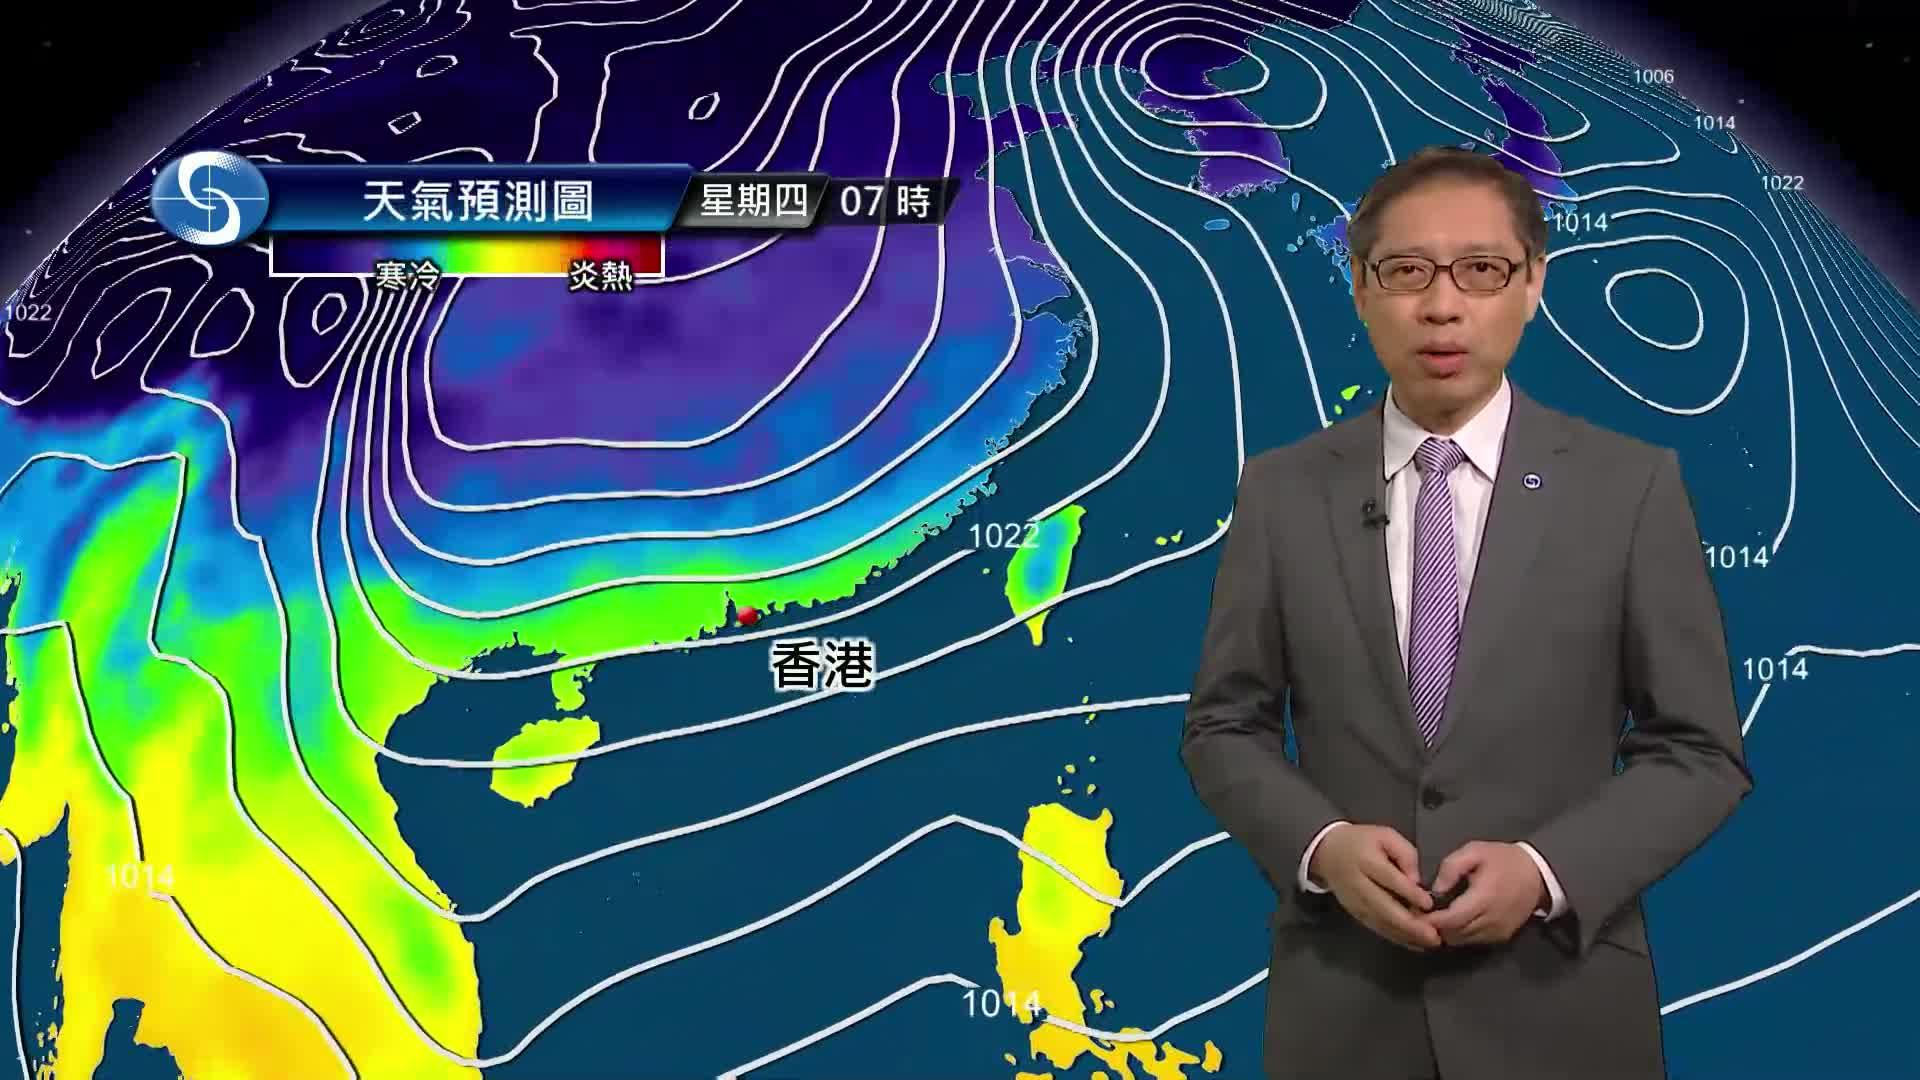 早晨天氣節目(01月27日上午8時) - 署理高級科學主任楊國仲